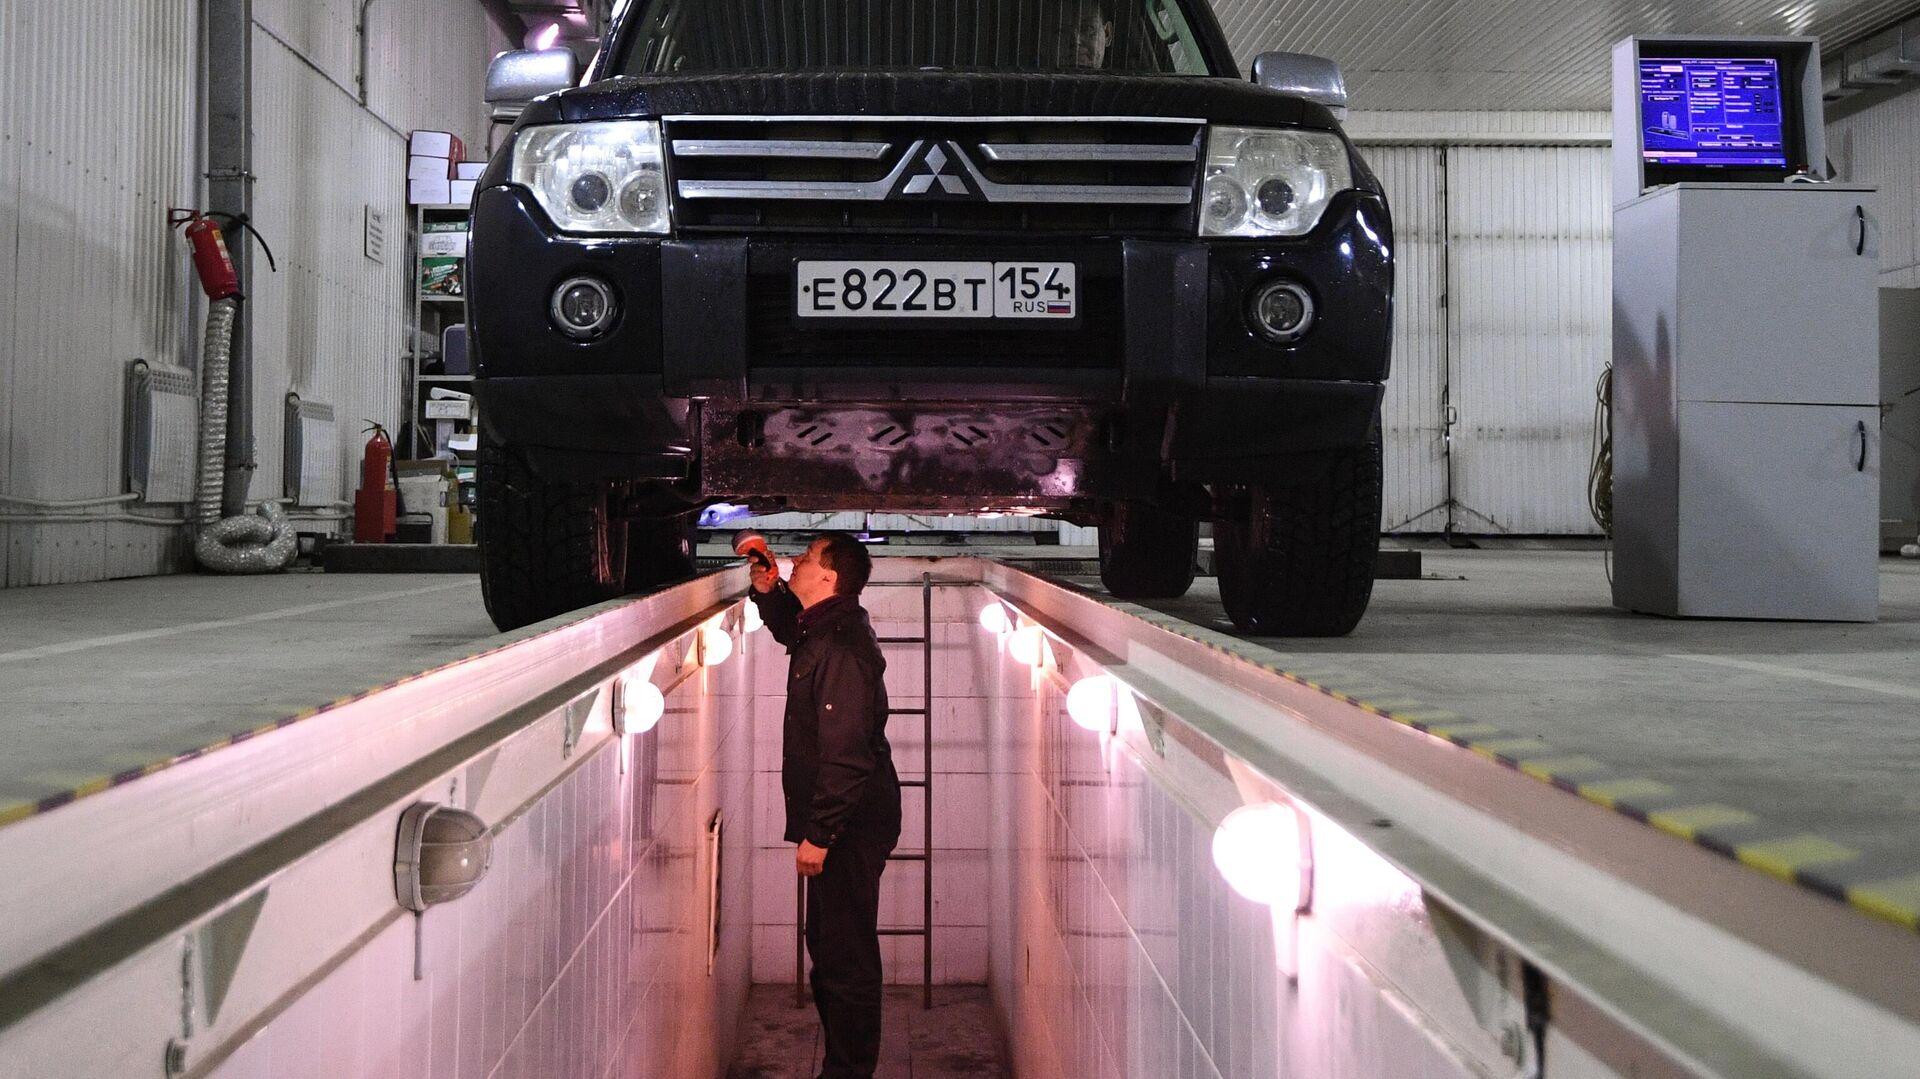 Технический эксперт проводит осмотр автомобиля на пункте техосмотра в Новосибирске - РИА Новости, 1920, 30.04.2021